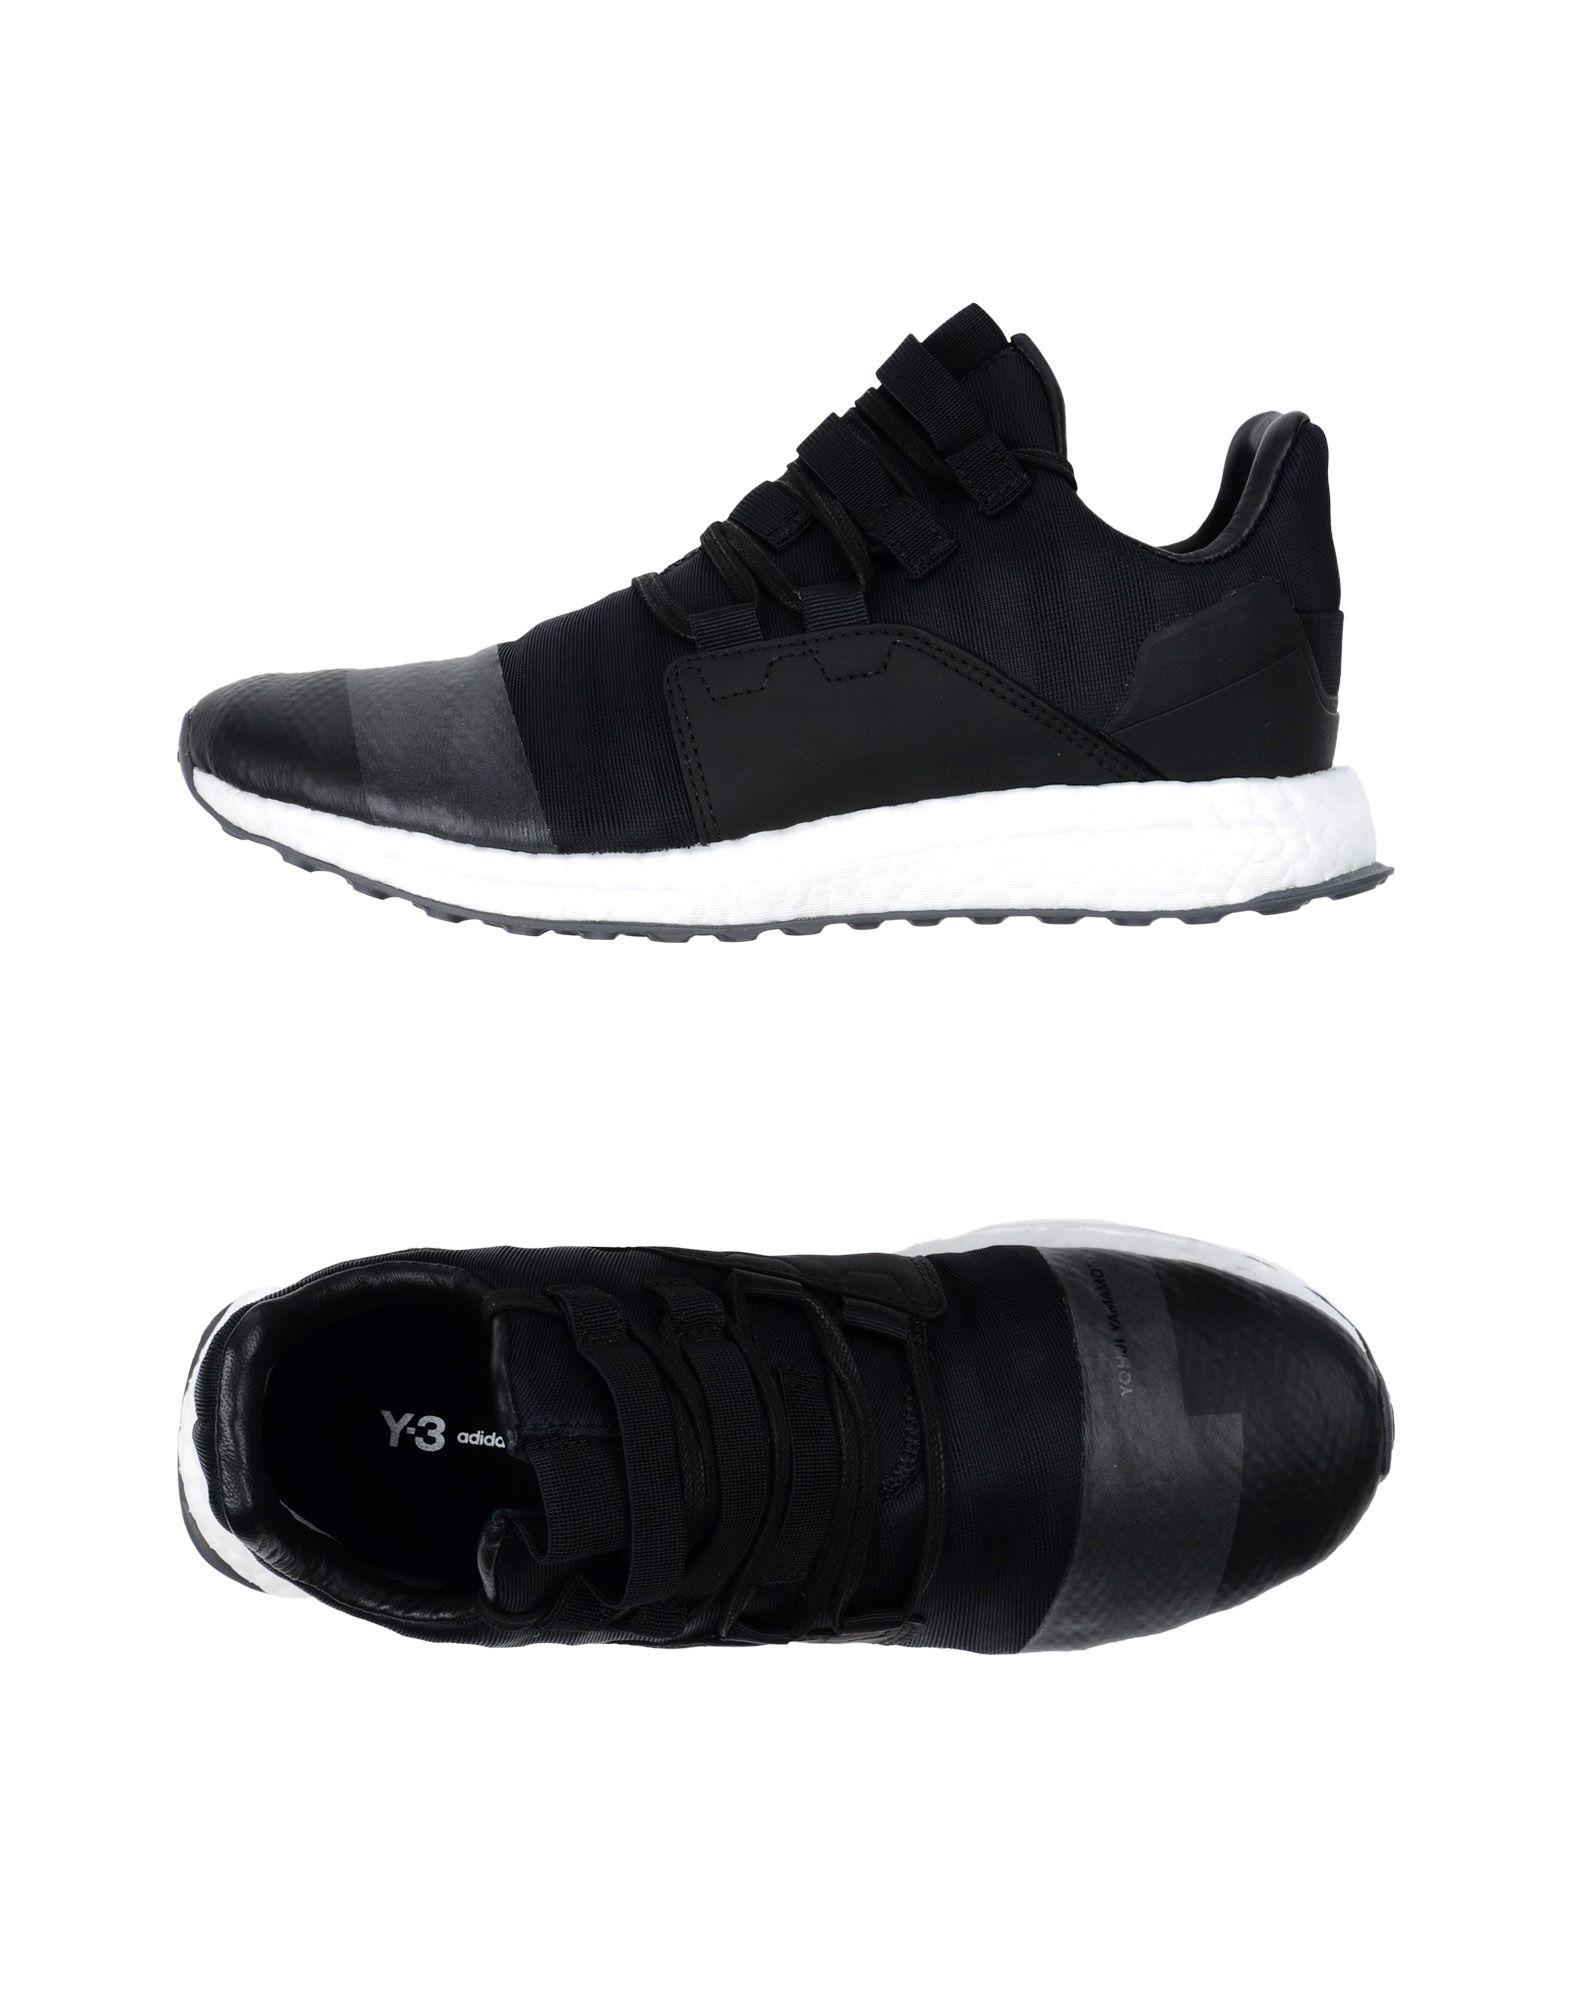 Zapatillas Negro Y-3 Hombre - Zapatillas Y-3  Negro Zapatillas 3358ba